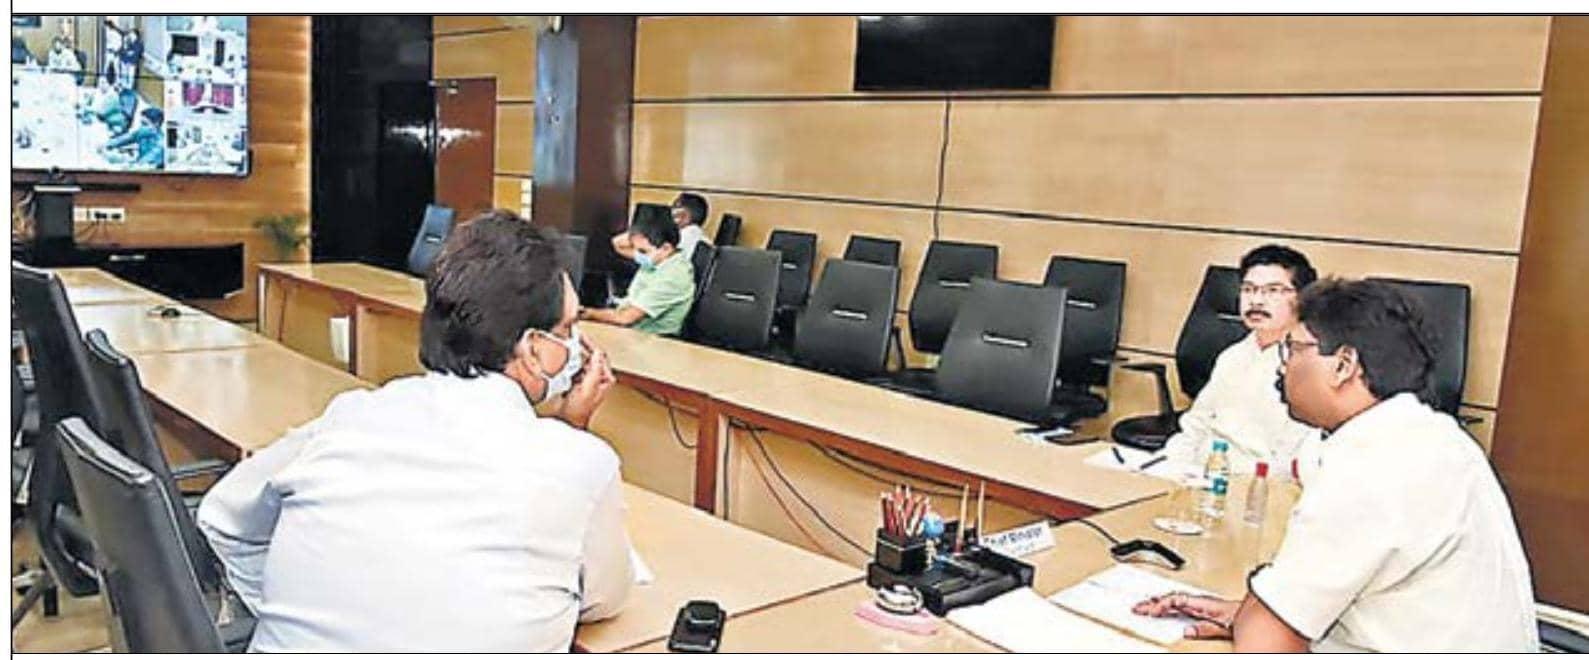 मजदूरों को आर्थिक सहायता देने के लिए राज्य सरकार निरंतर प्रयासरत:सीएम